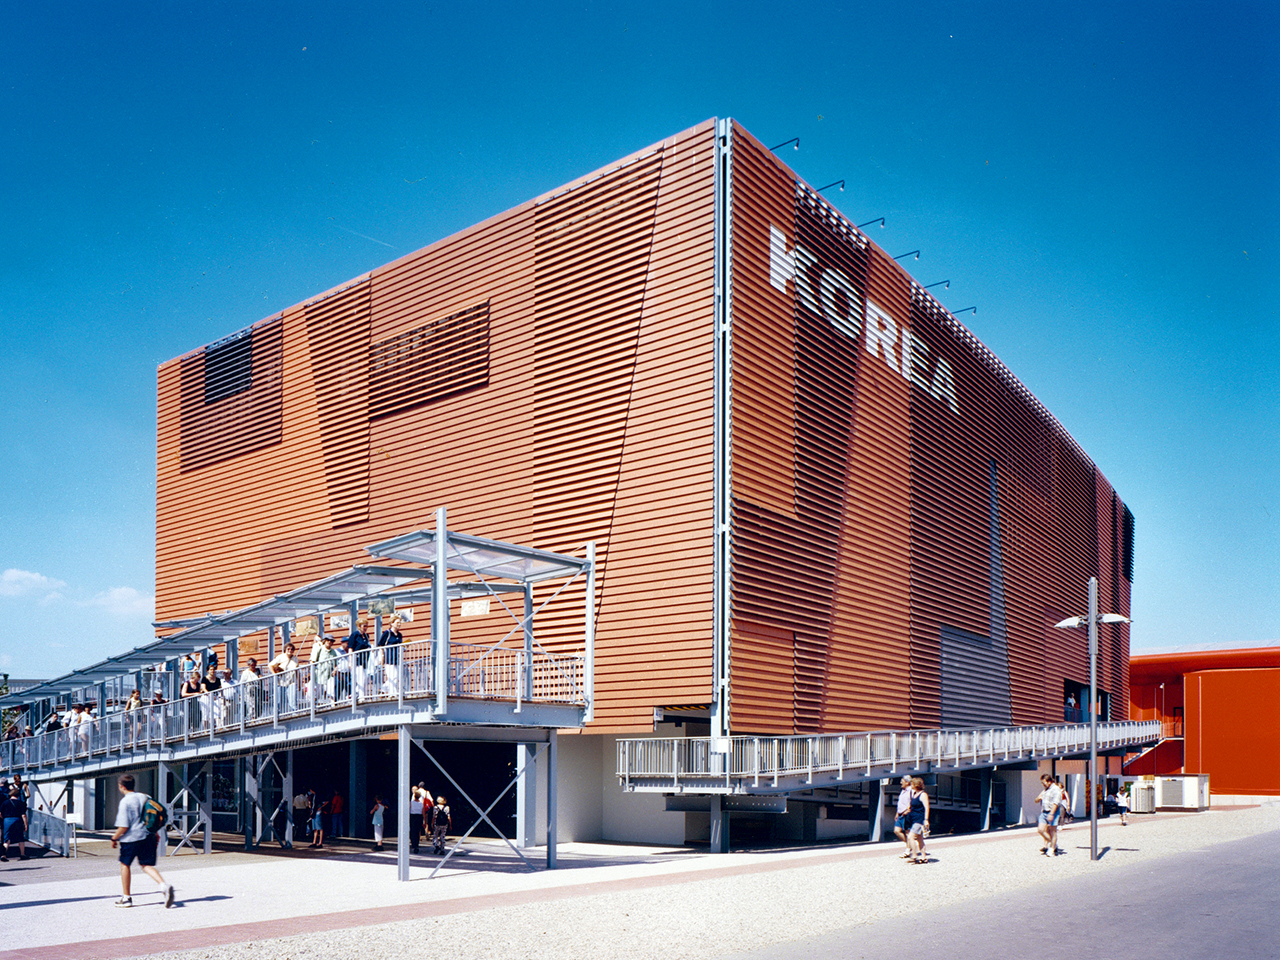 ssp expo 2000 korea pavillon hannover. Black Bedroom Furniture Sets. Home Design Ideas